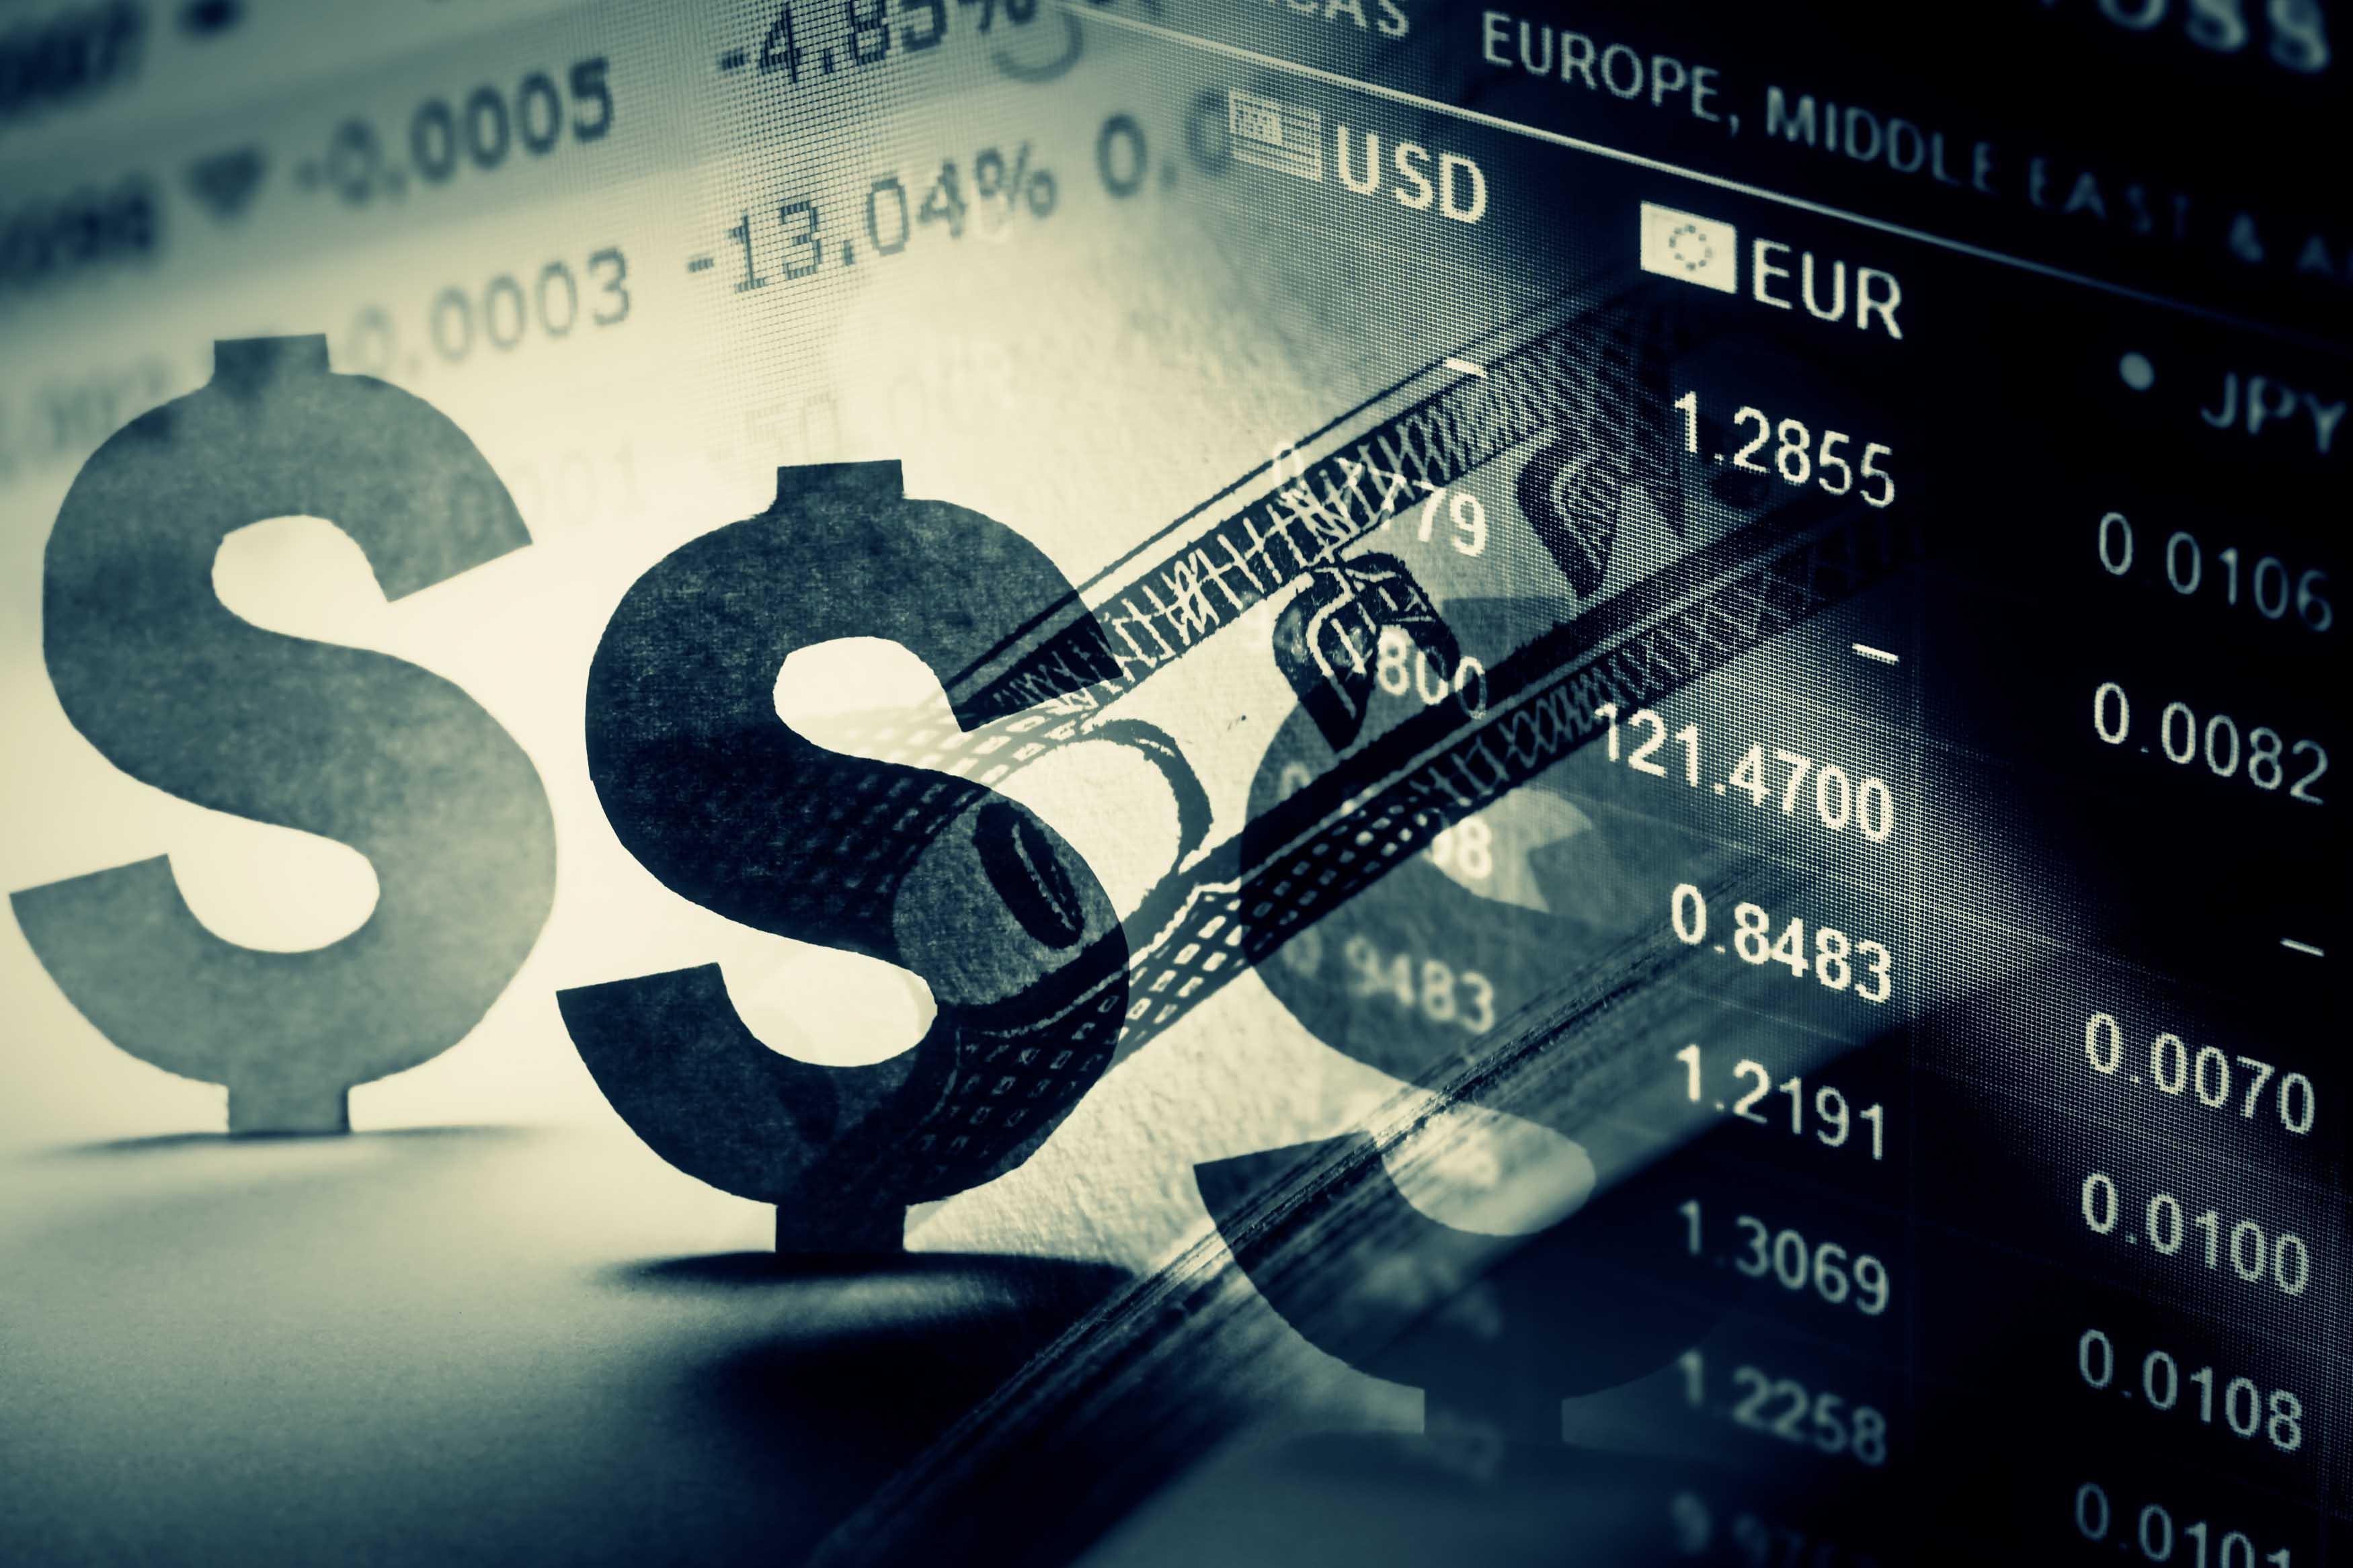 تخوف من  أسعار الفائدة  يصيب الأسواق العالمية بالإرتباك